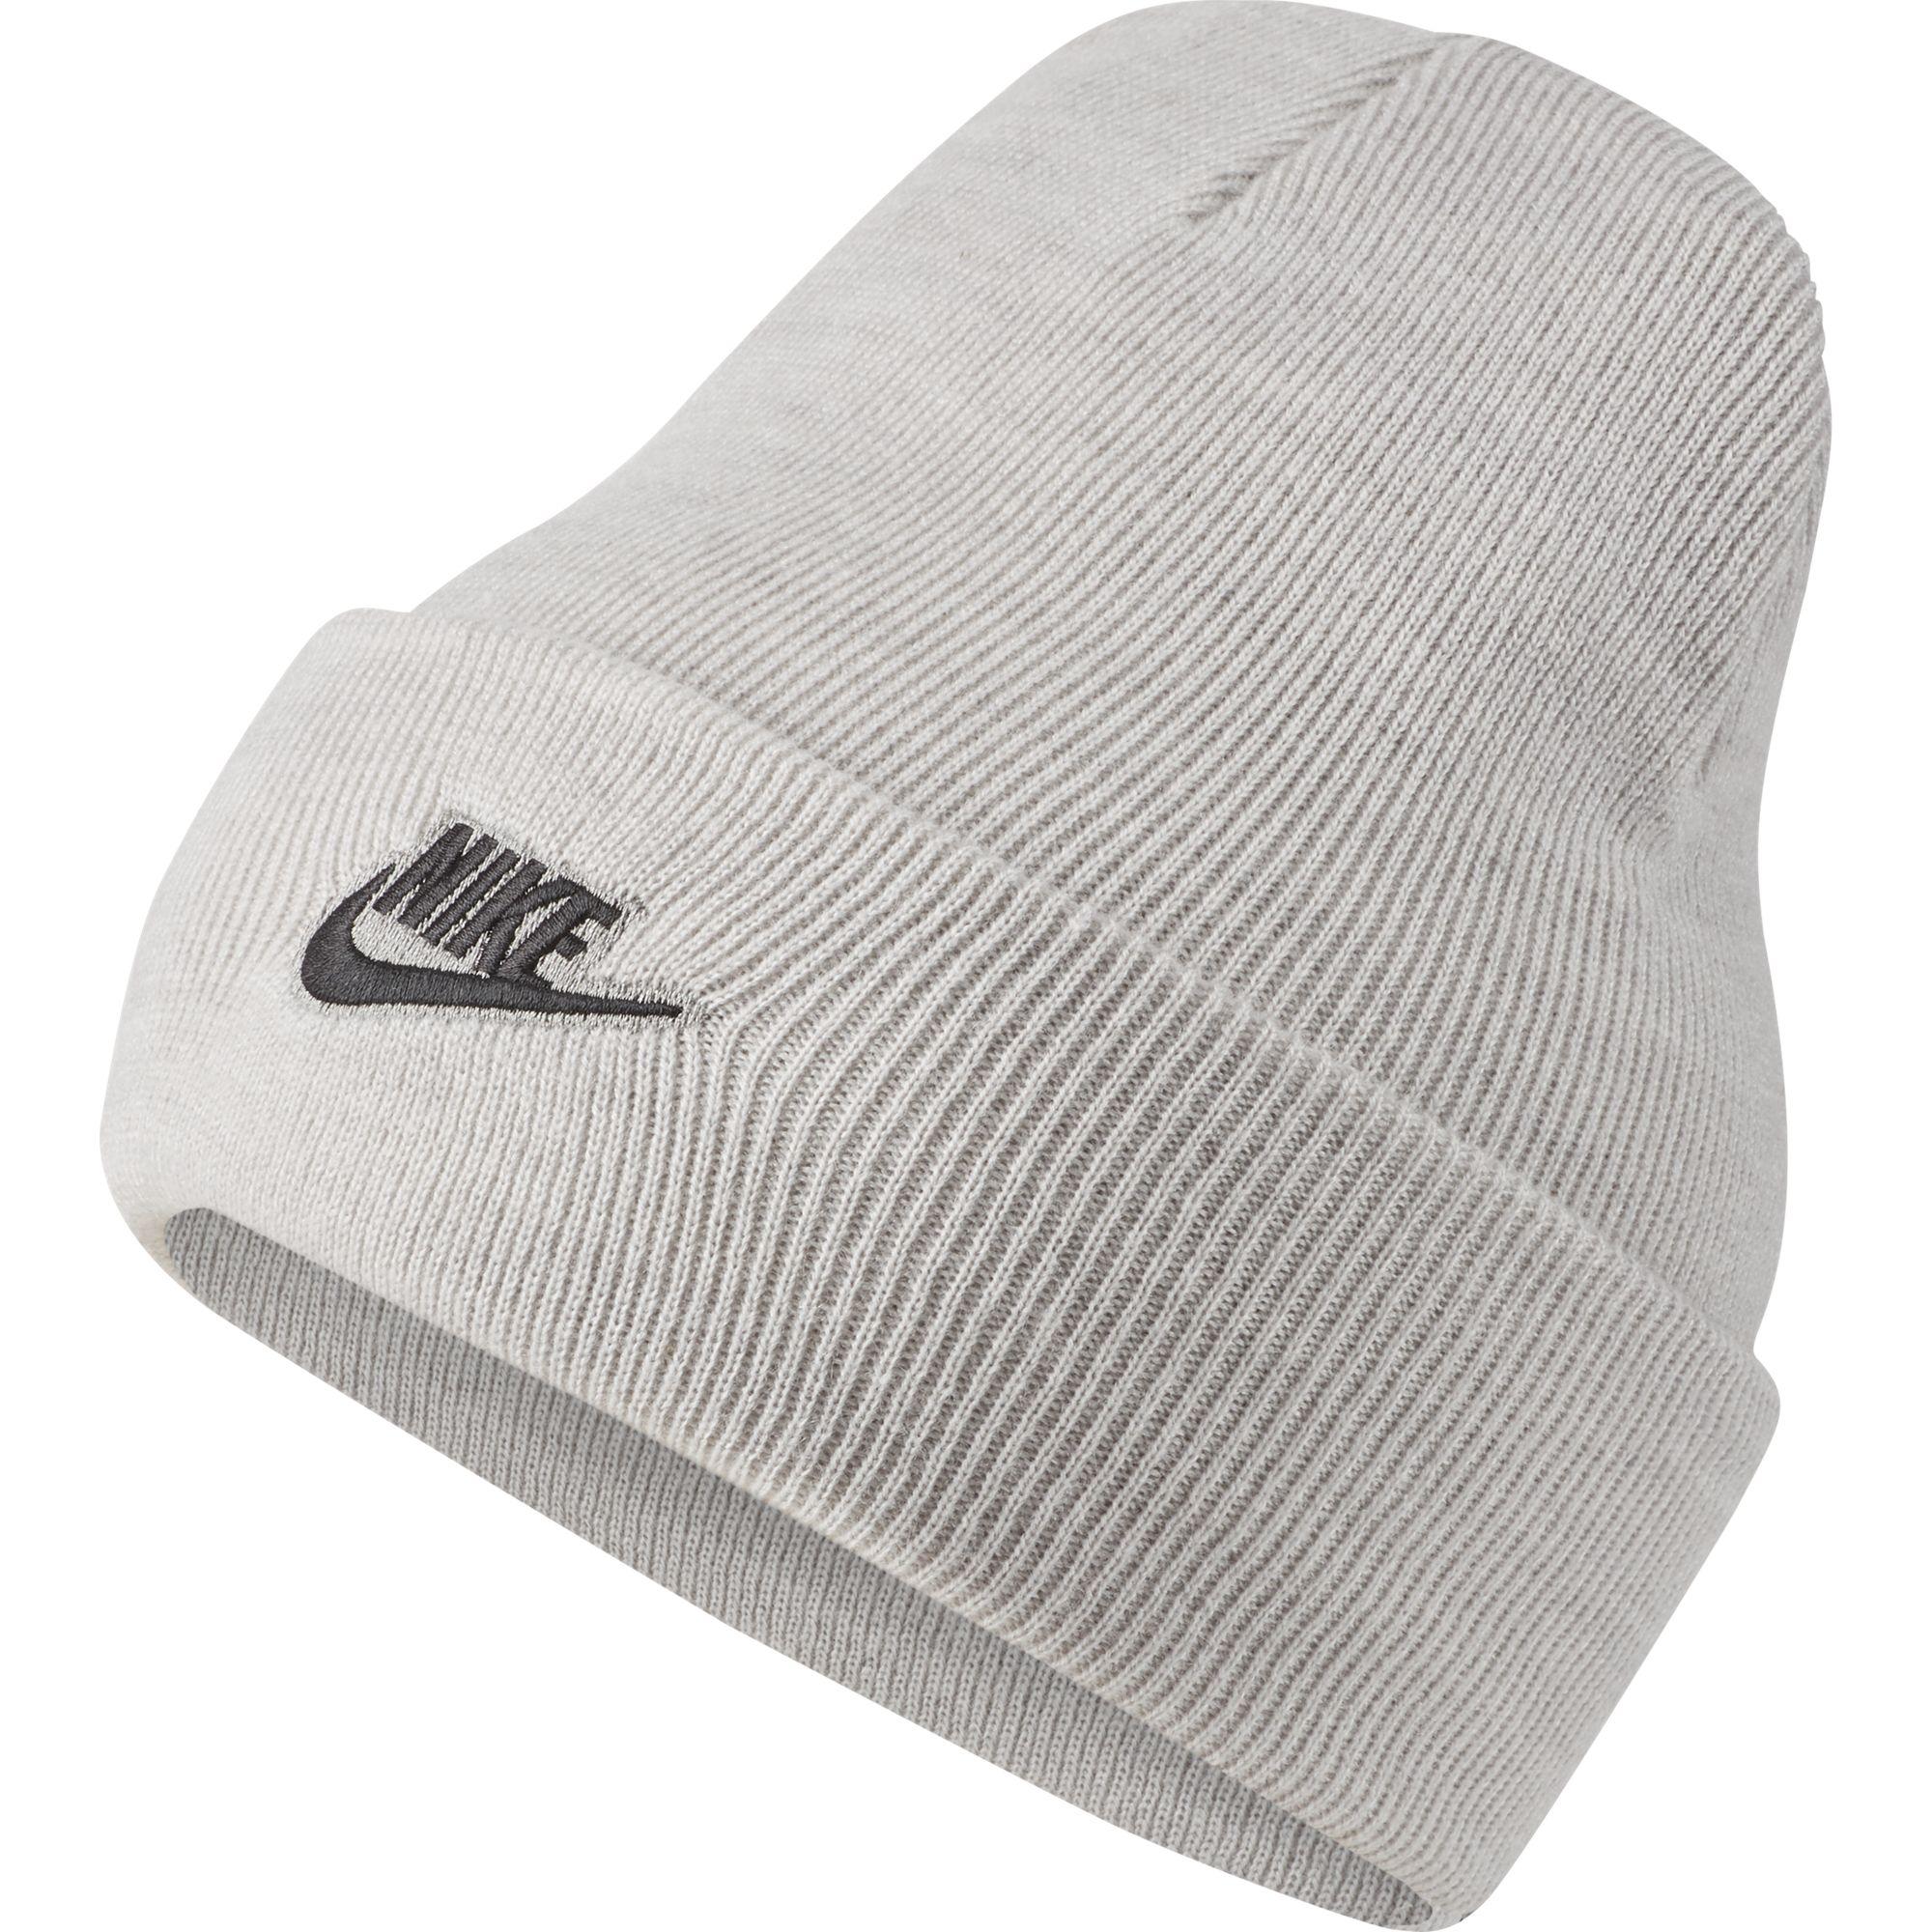 Men's Cuffed Beanie Utility Ski Hat, Heather Gray, swatch